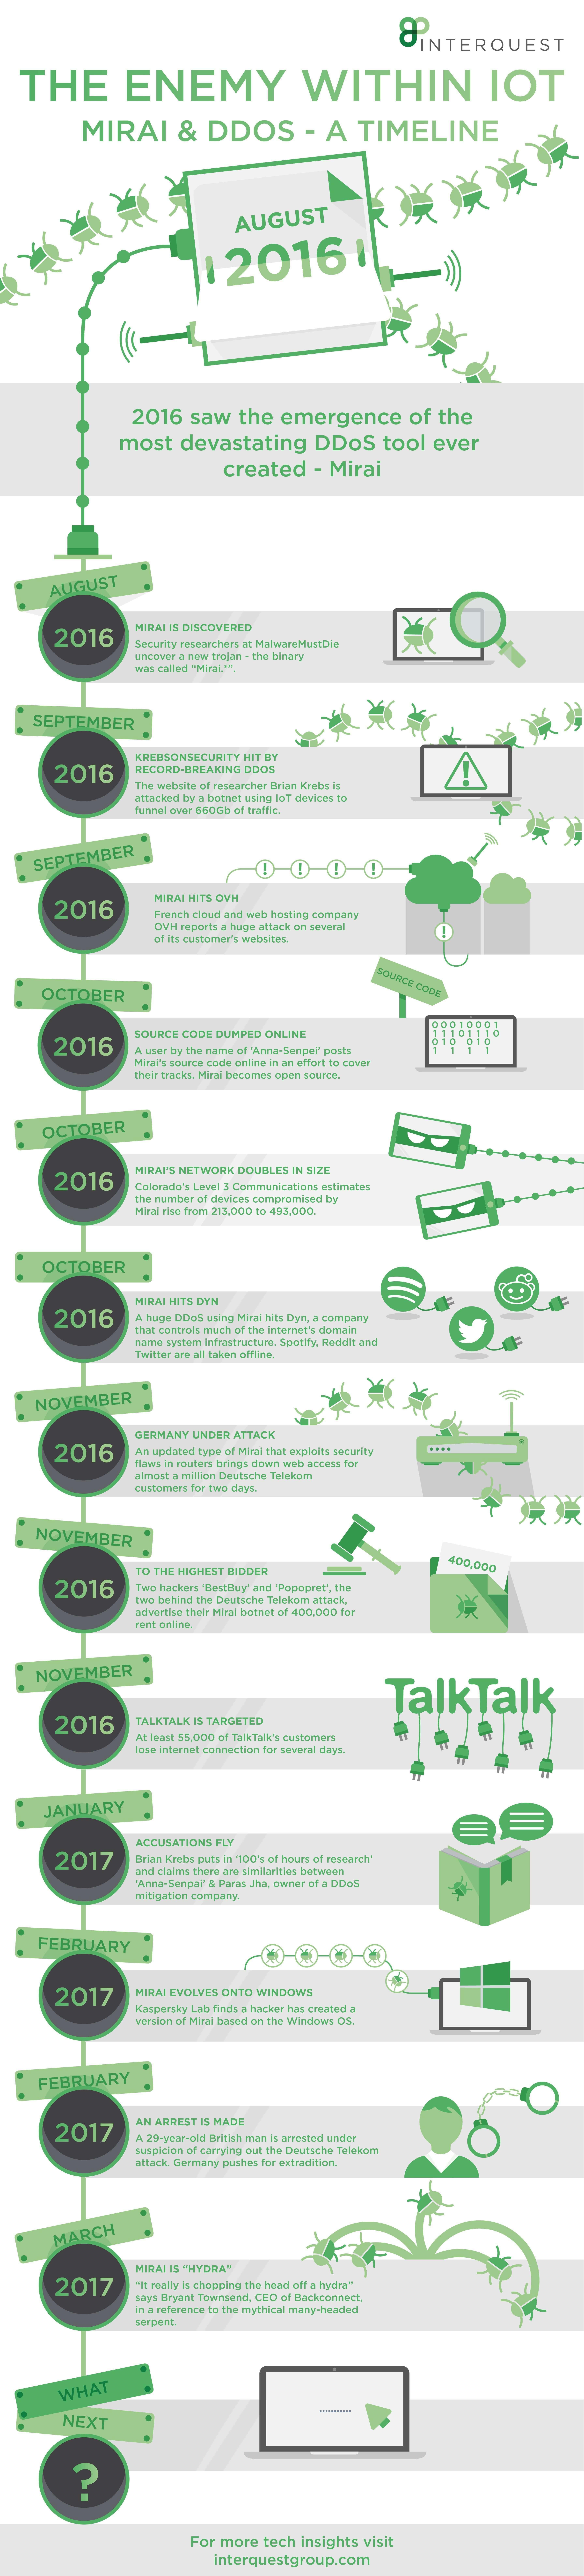 Mirai & DDoS - A Timeline